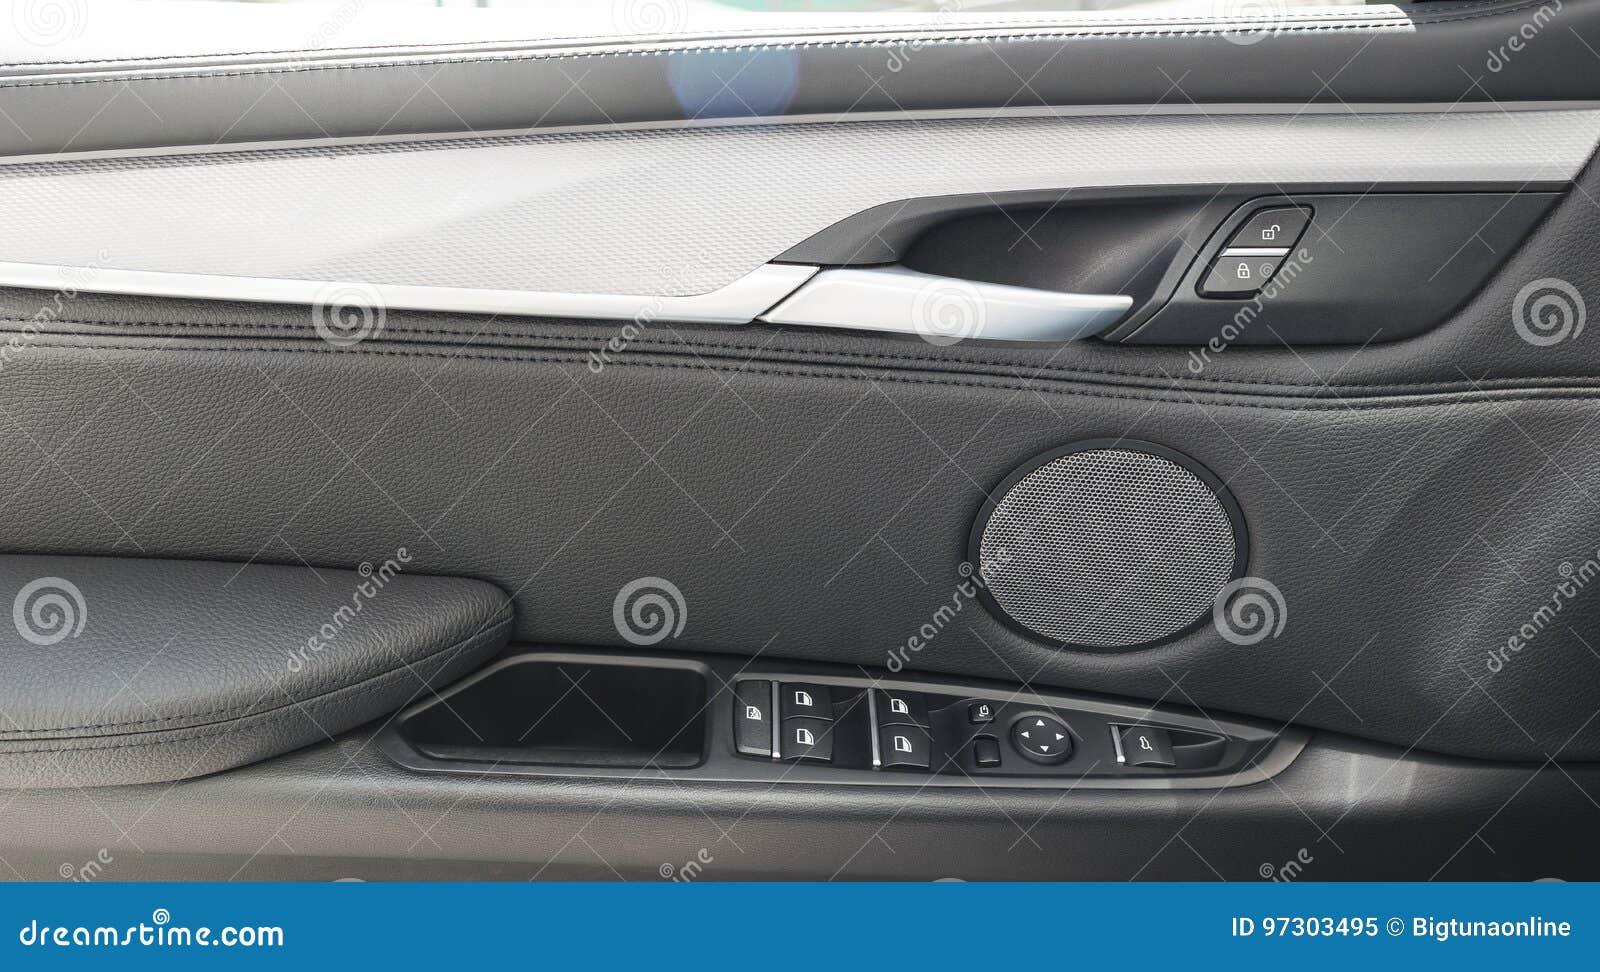 O puxador da porta do carro dentro do carro moderno luxuoso com o botão preto do couro e de interruptor controla detalhes moderno